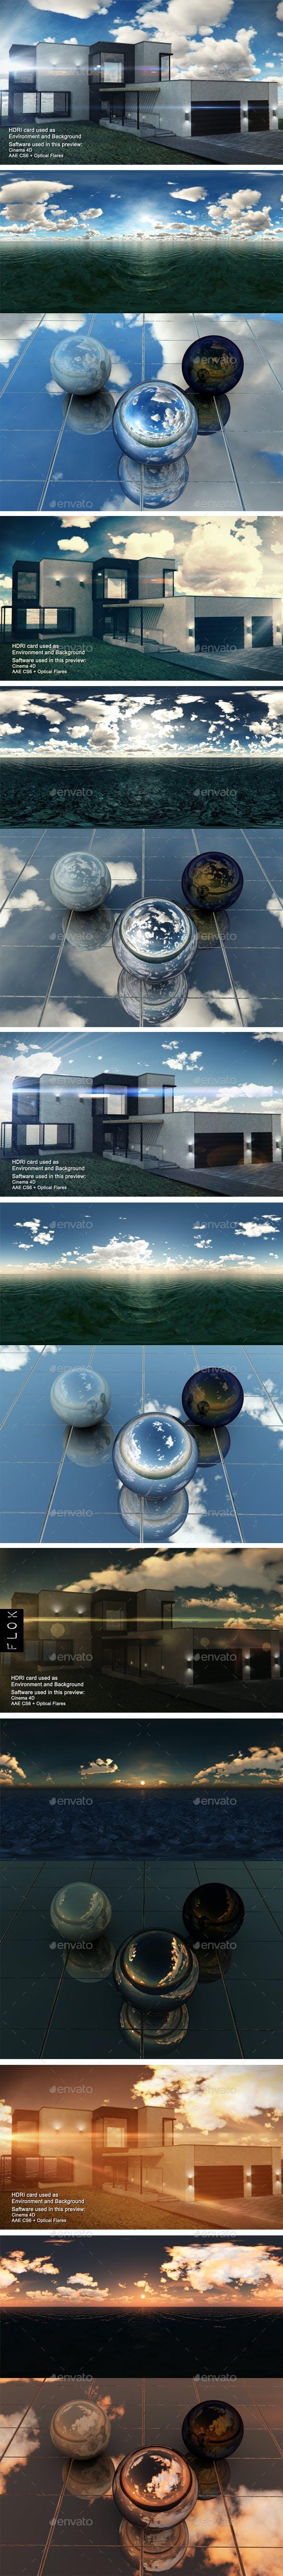 HDRI Pack - Sea vol1 - 3DOcean Item for Sale